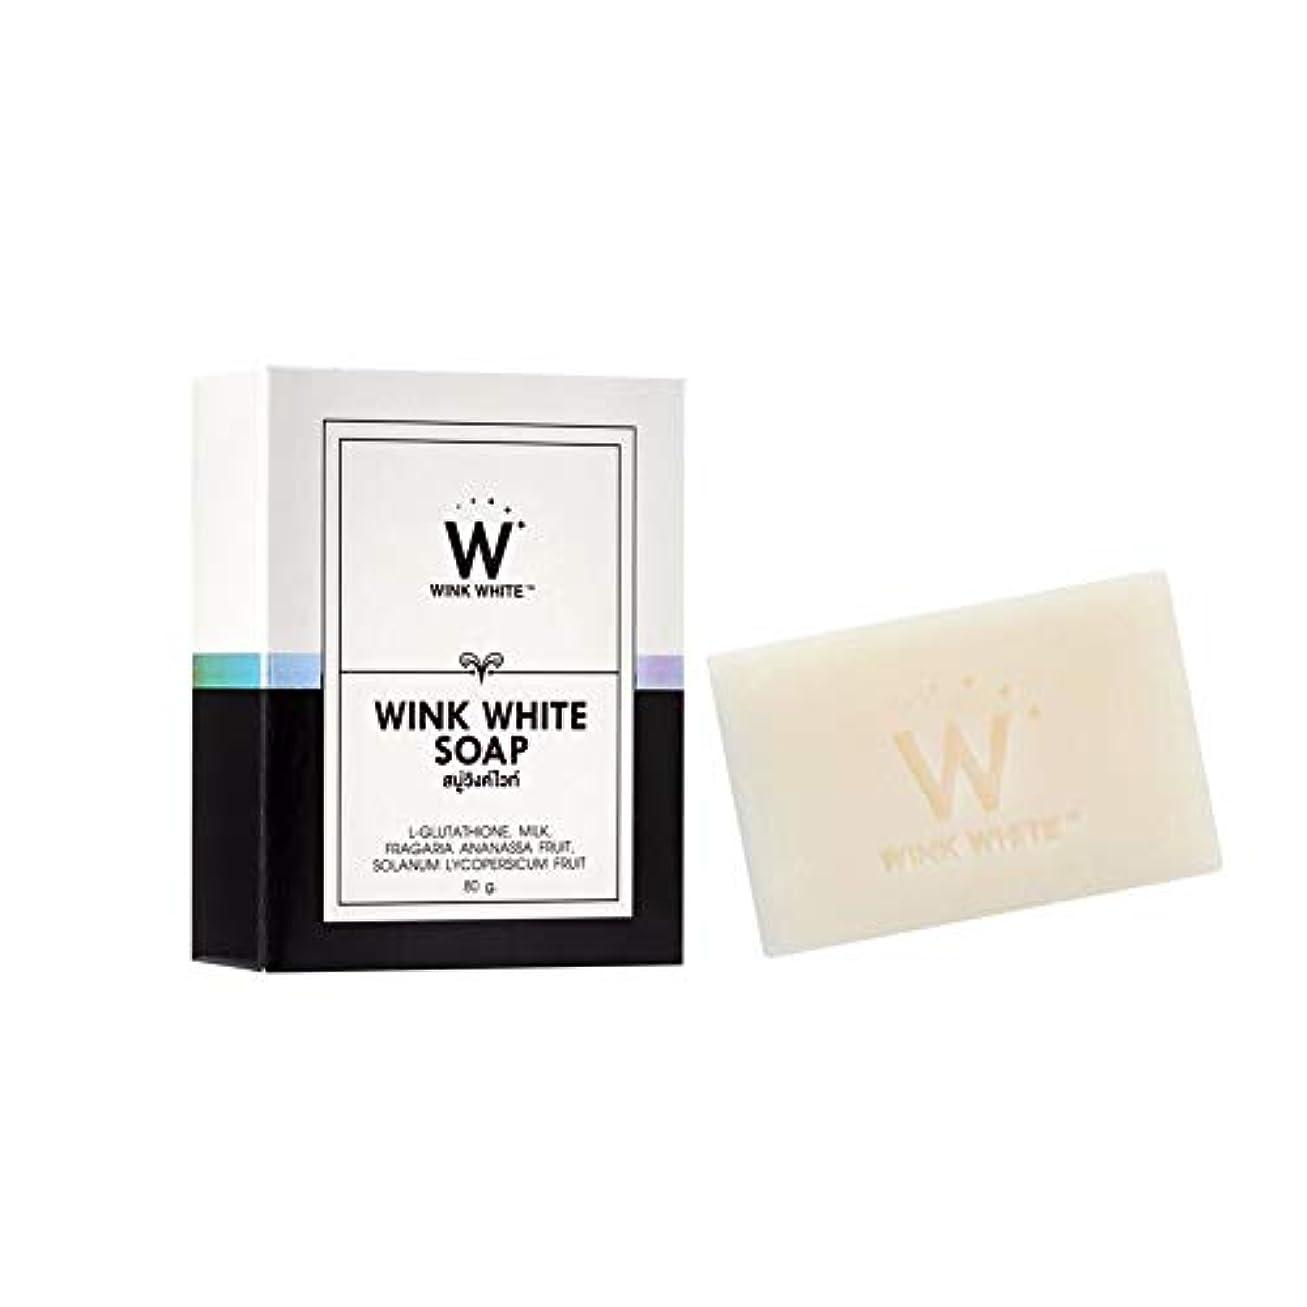 振り子外科医固体Soap Net Nature White Soap Base Wink White Soap Gluta Pure Skin Body Whitening Strawberry for Whitening Skin All...